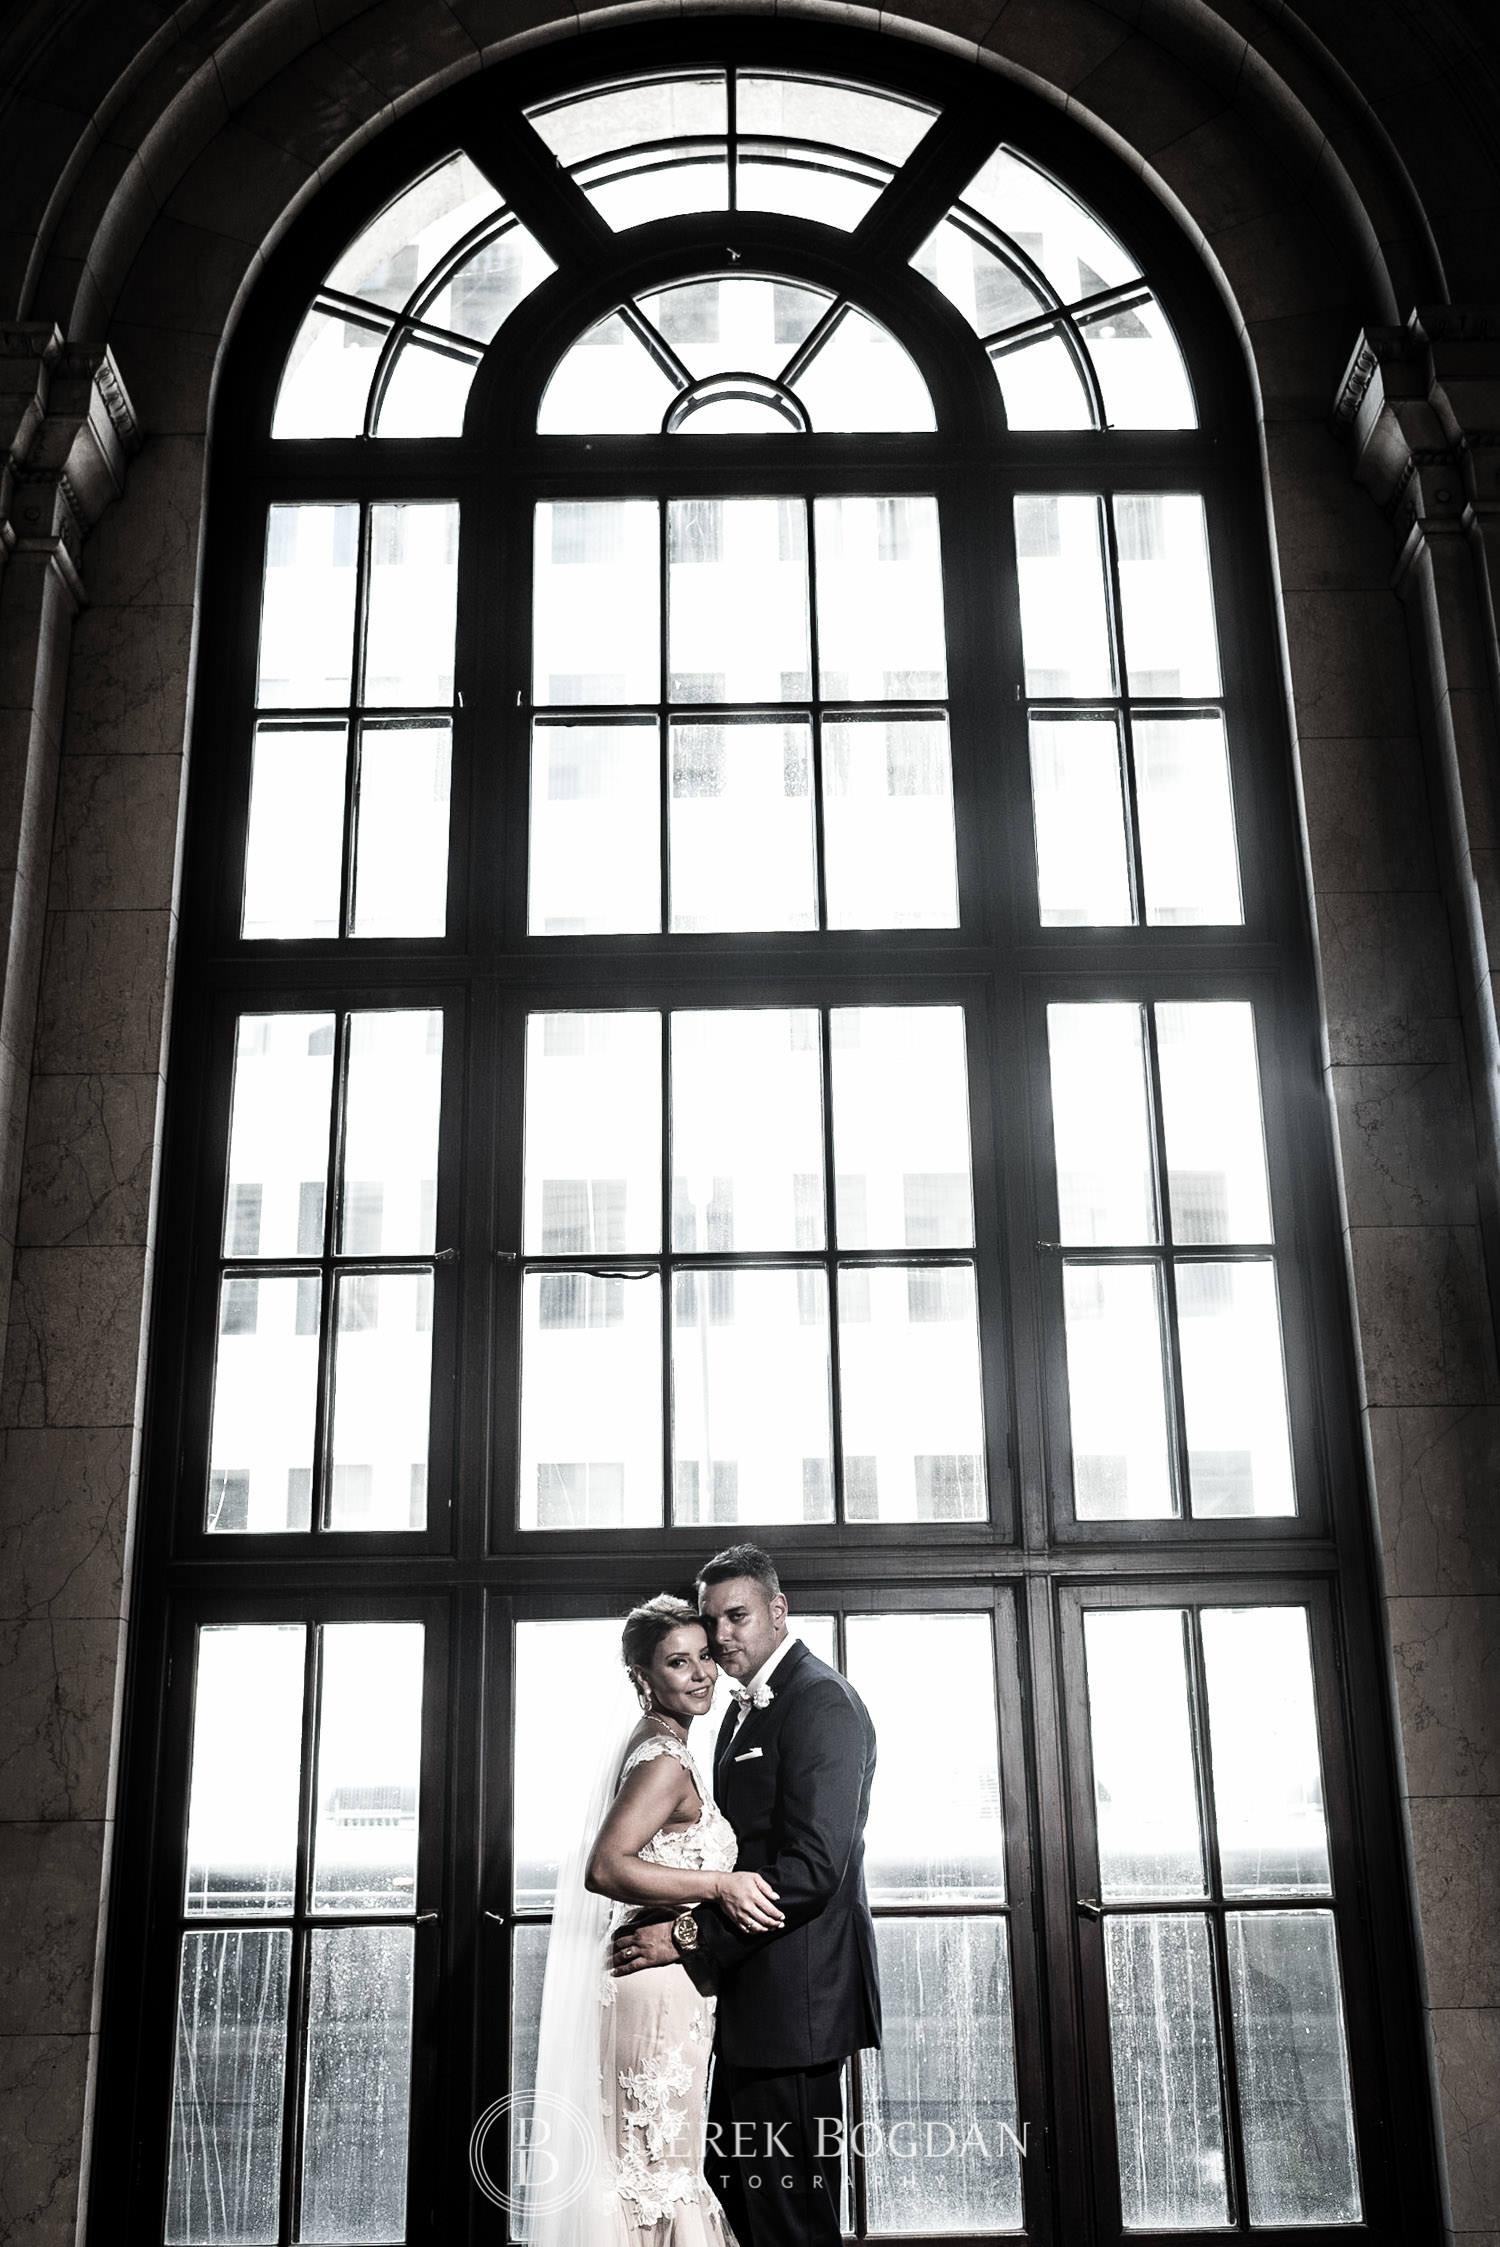 window wedding portrait of couple Winnipeg wedding photographer